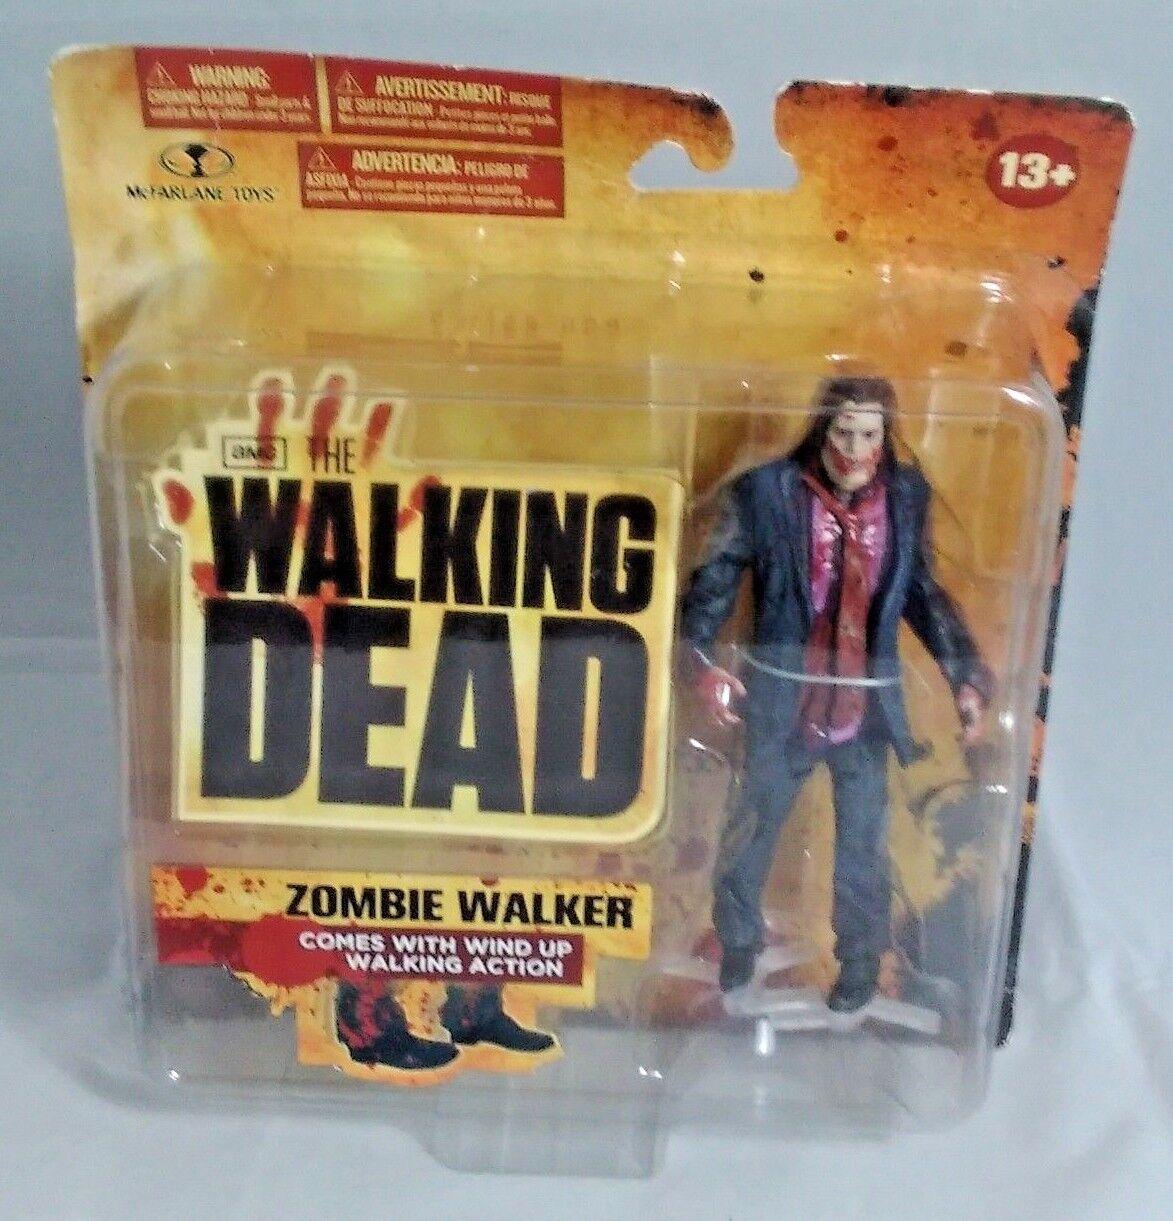 AMC The Walking Dead Series 1 - Zombie Walker w wind up walking action McFarlane